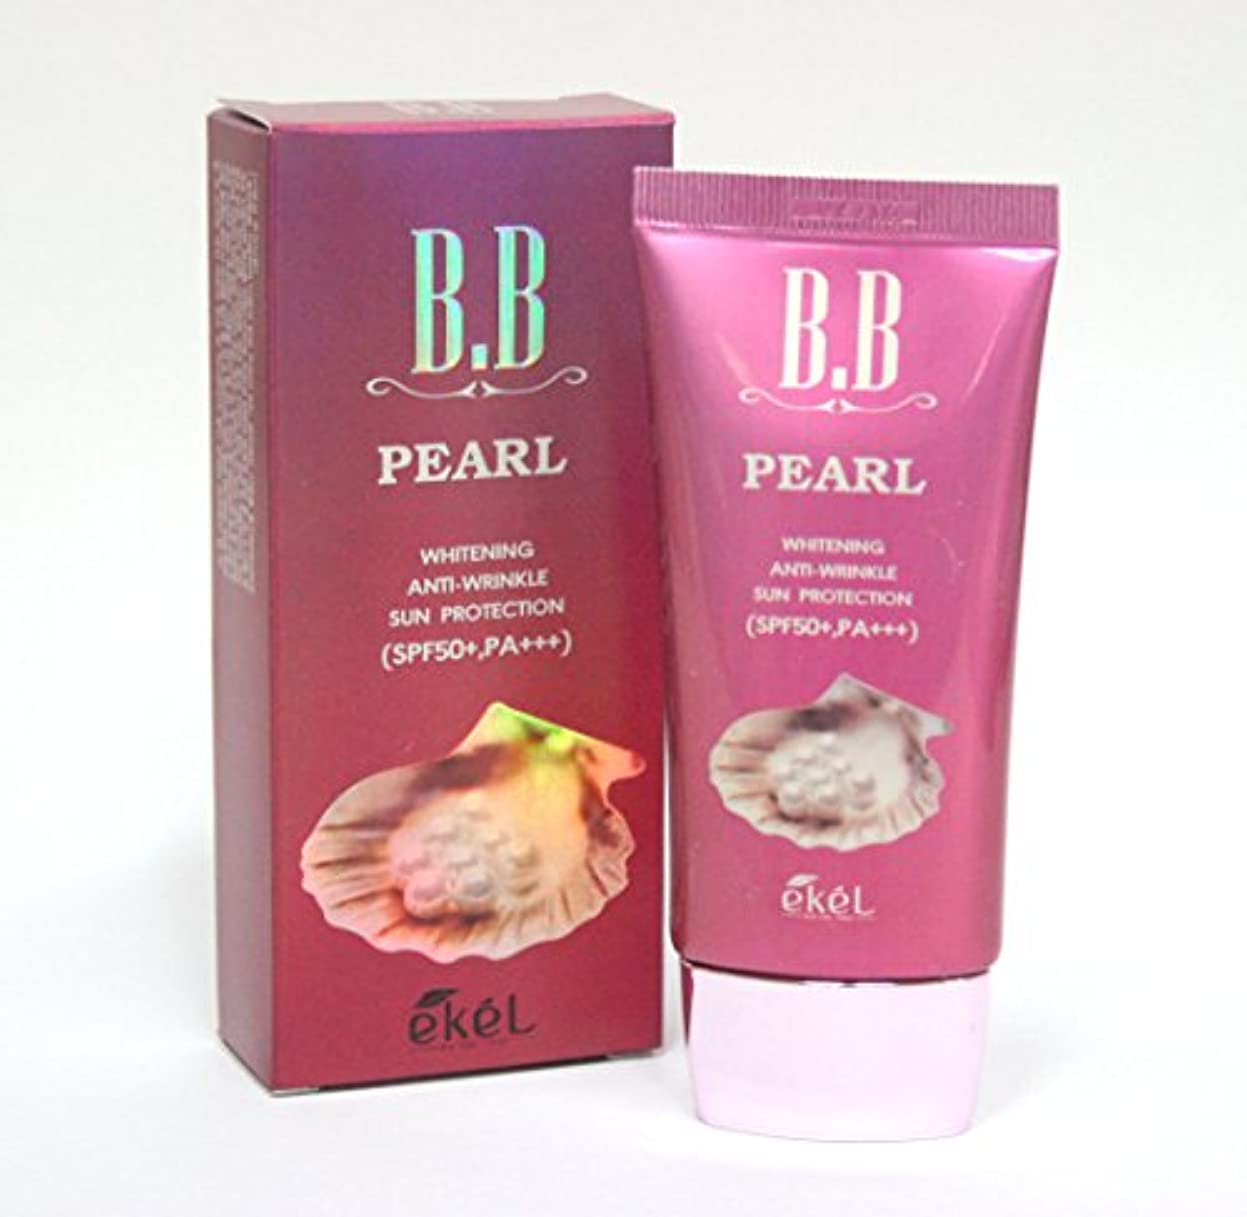 [Ekel] パールBBクリーム50ml / Pearl BB Cream 50ml / ホワイトニング、アンチリンクル、日焼け防止SPF50 + PA +++ / Whitening, Anti-wrinkle, Sun...